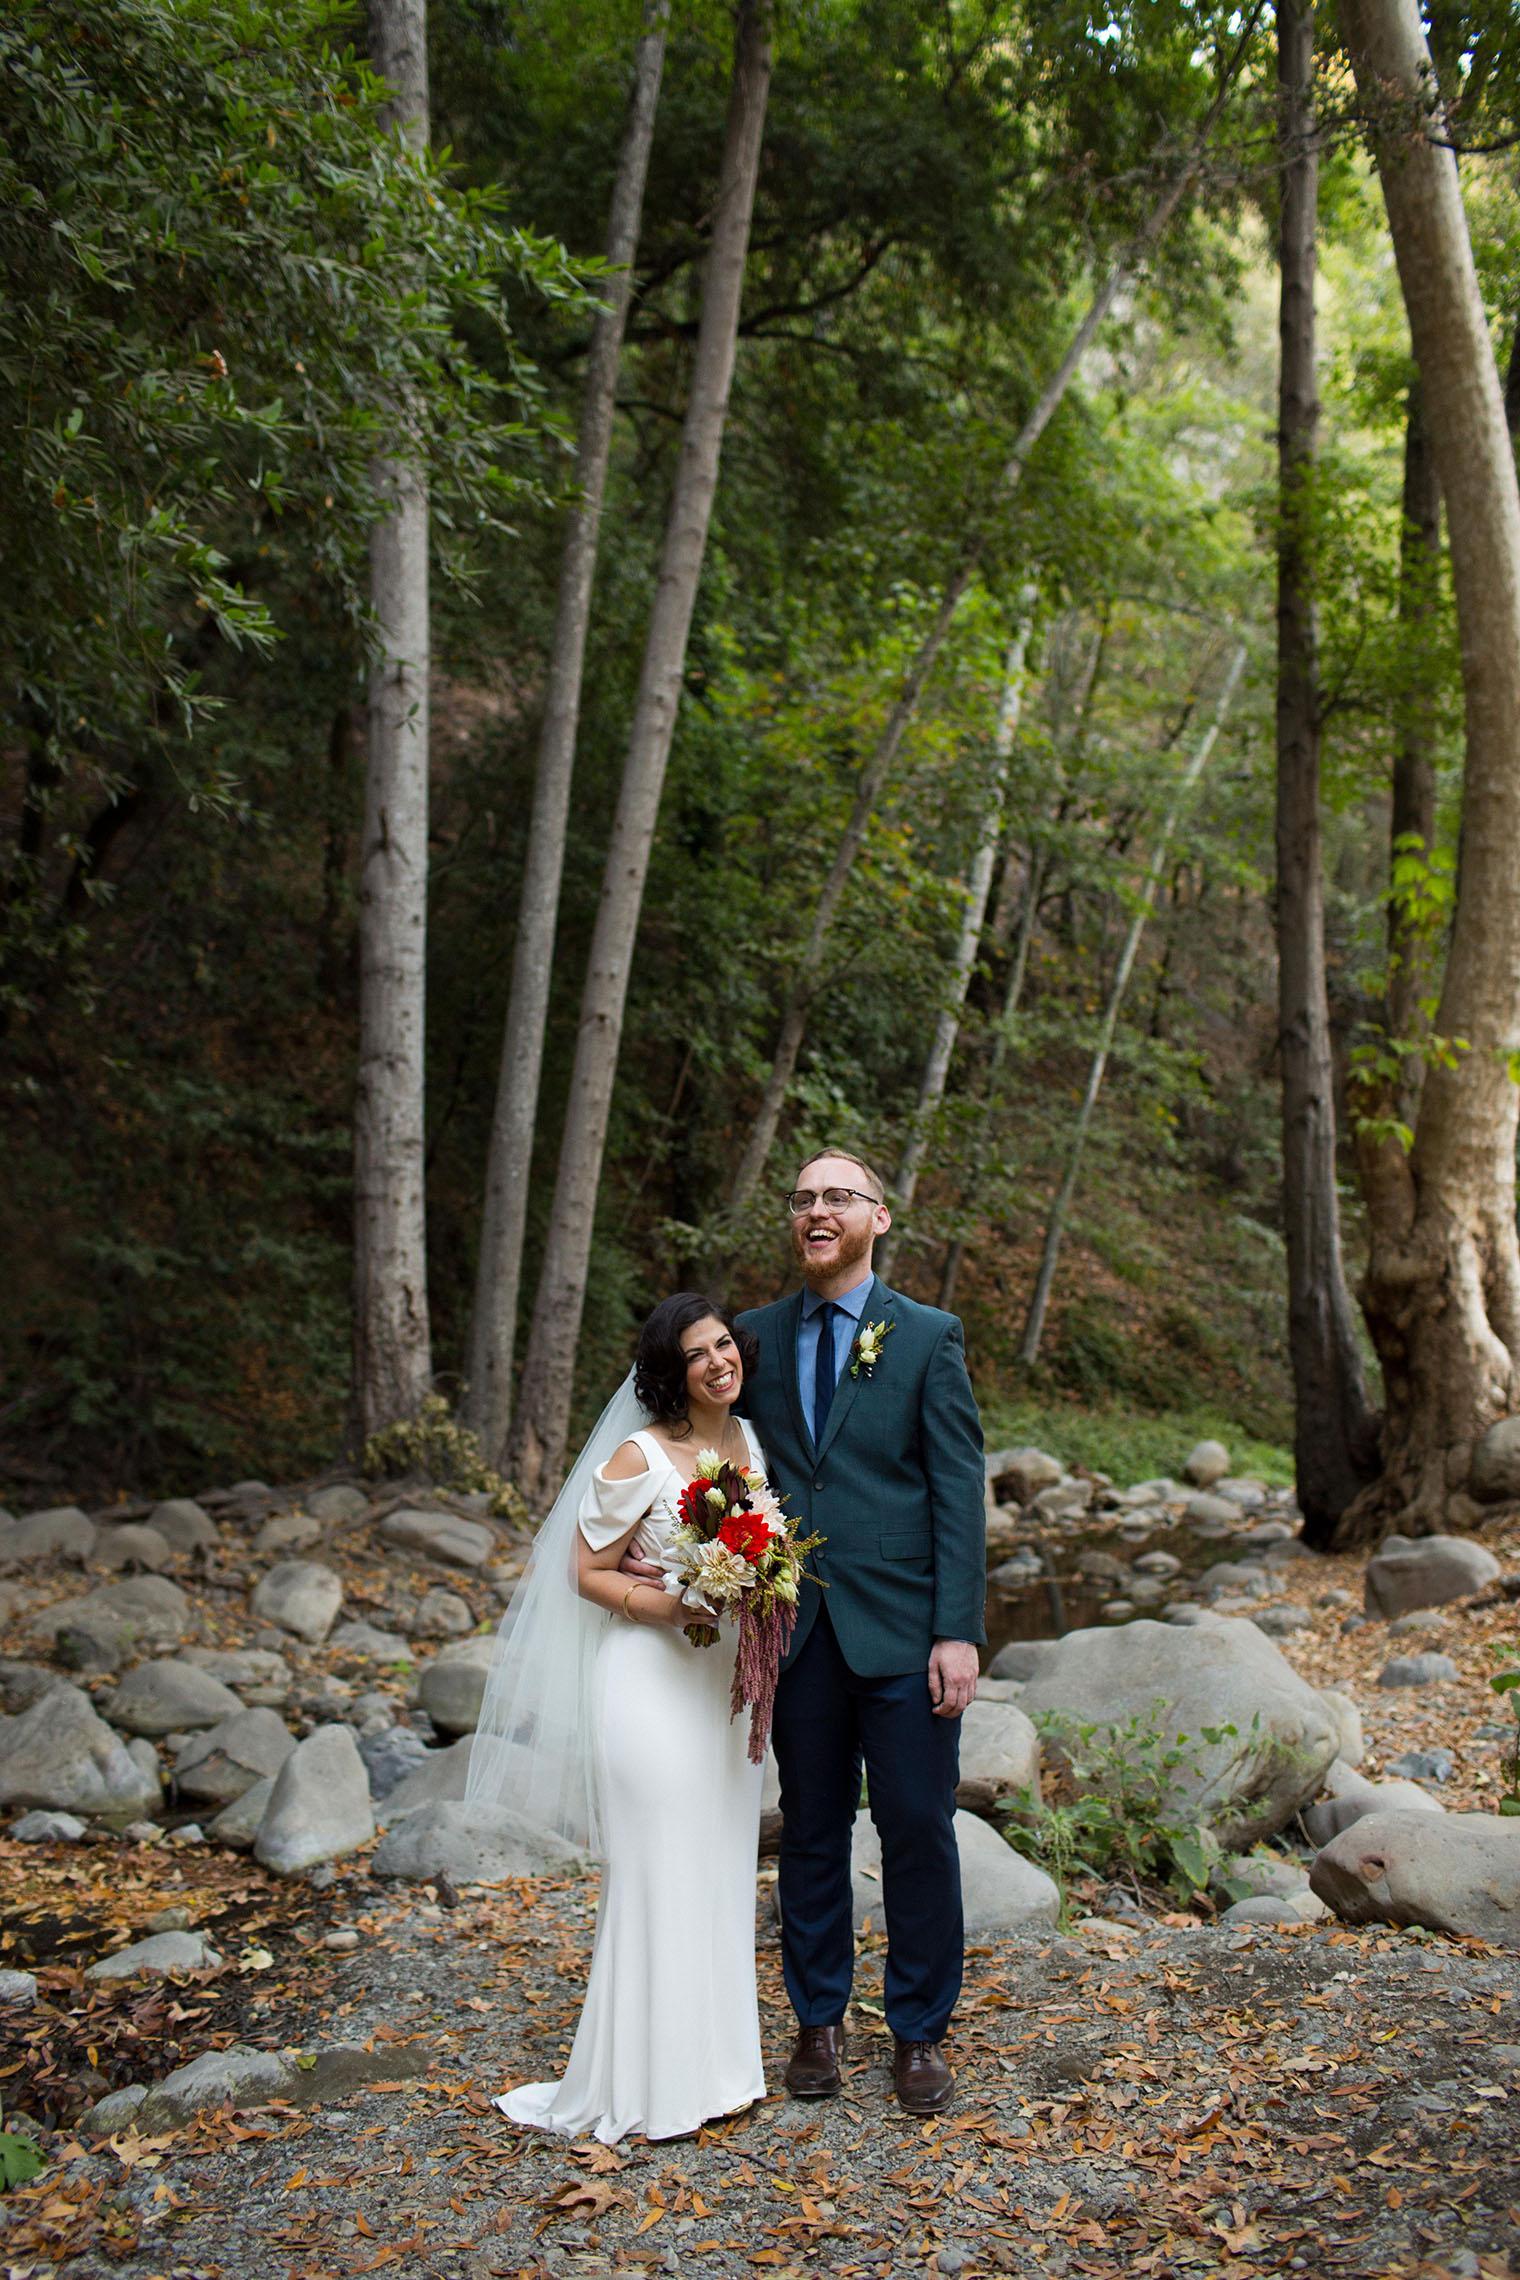 outdoor wedding venue in northern California